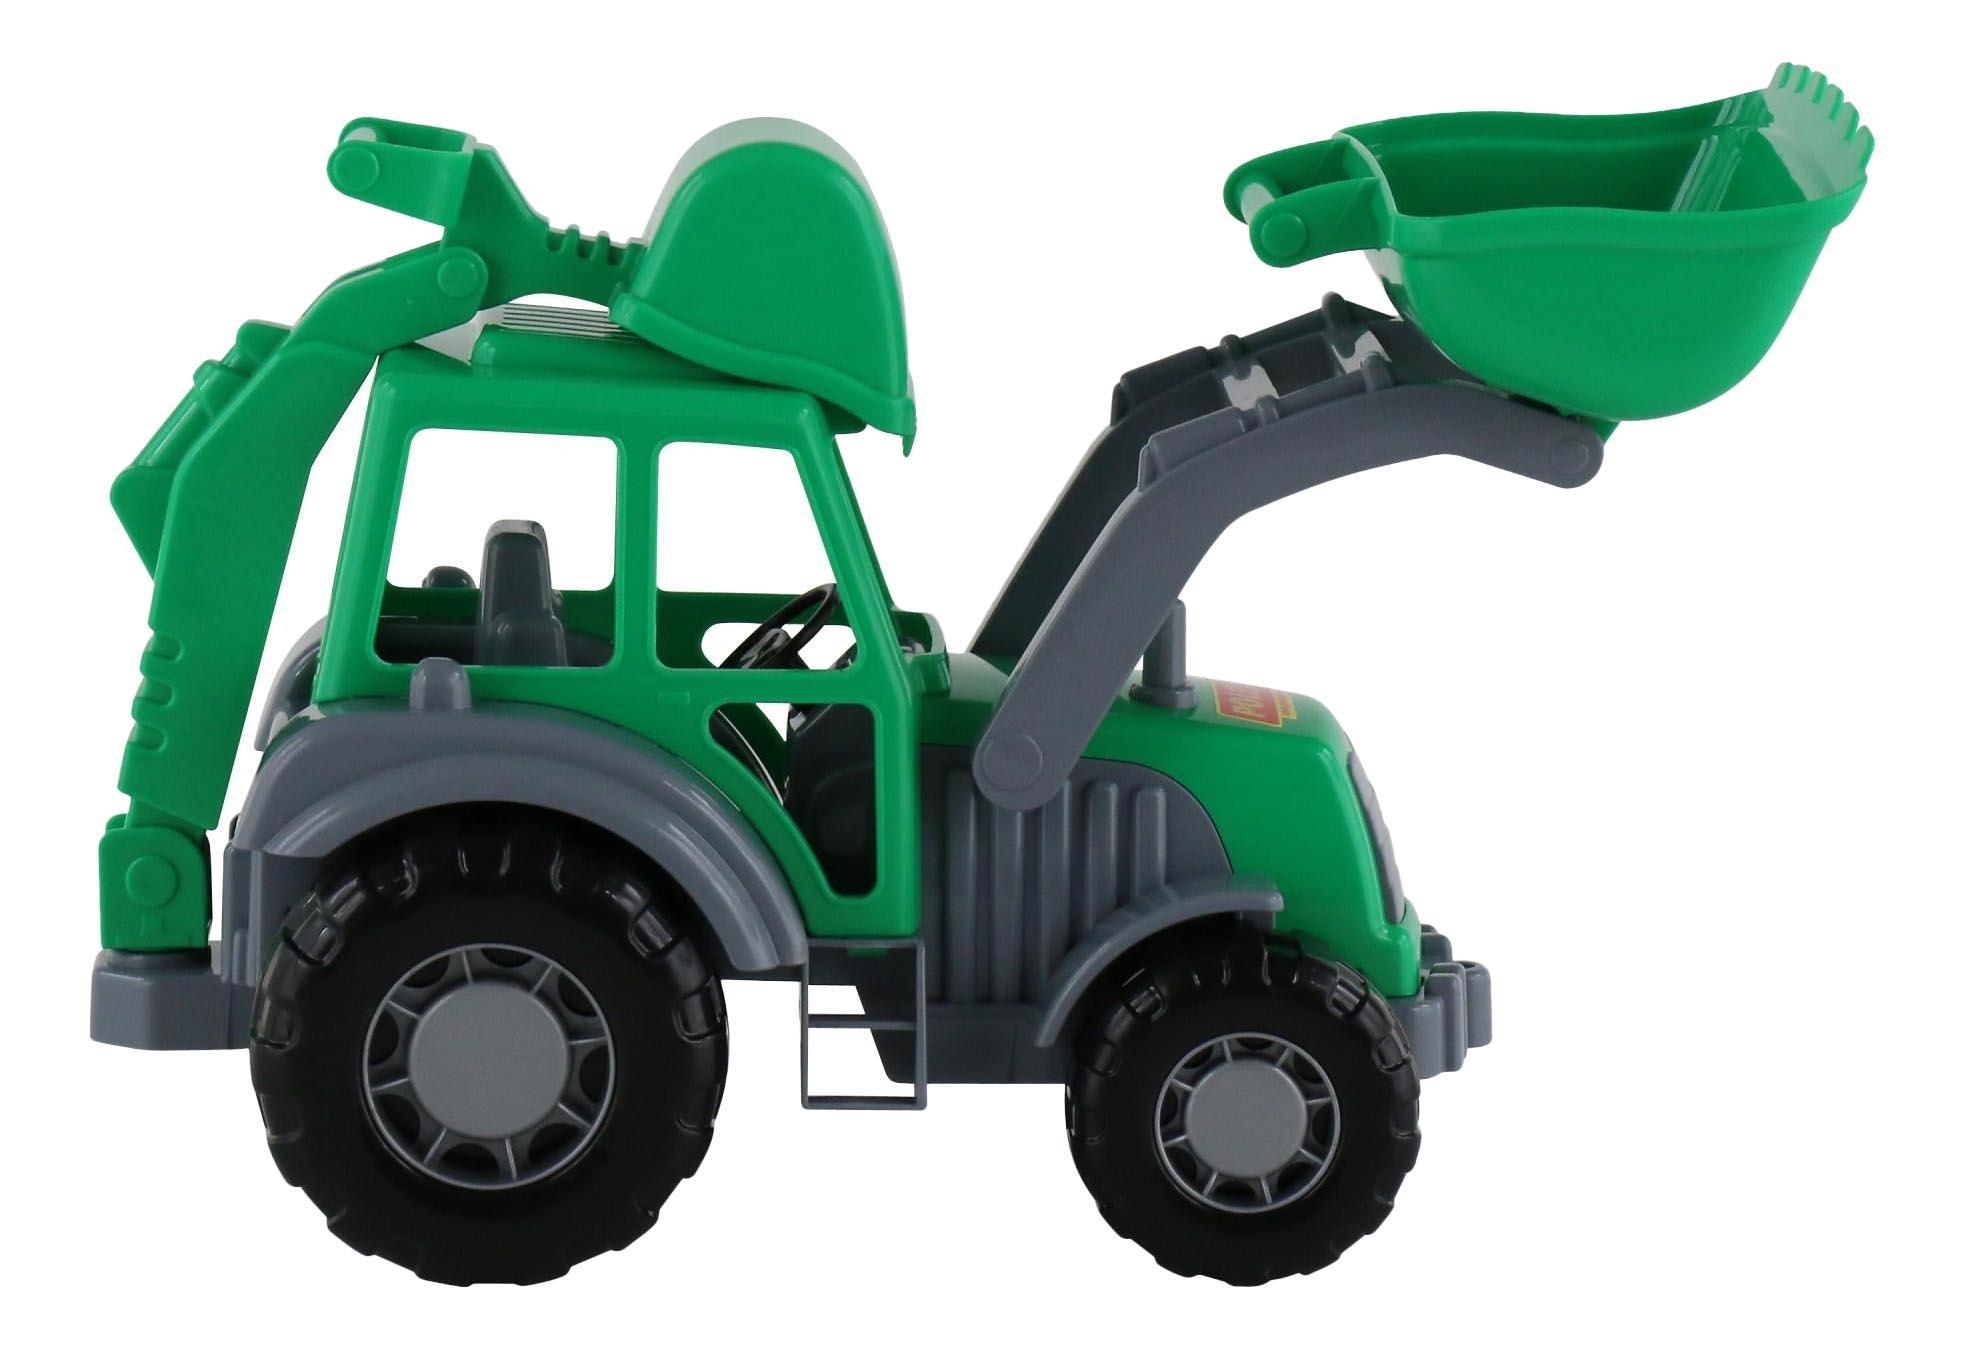 Картинки тракторов и экскаваторов